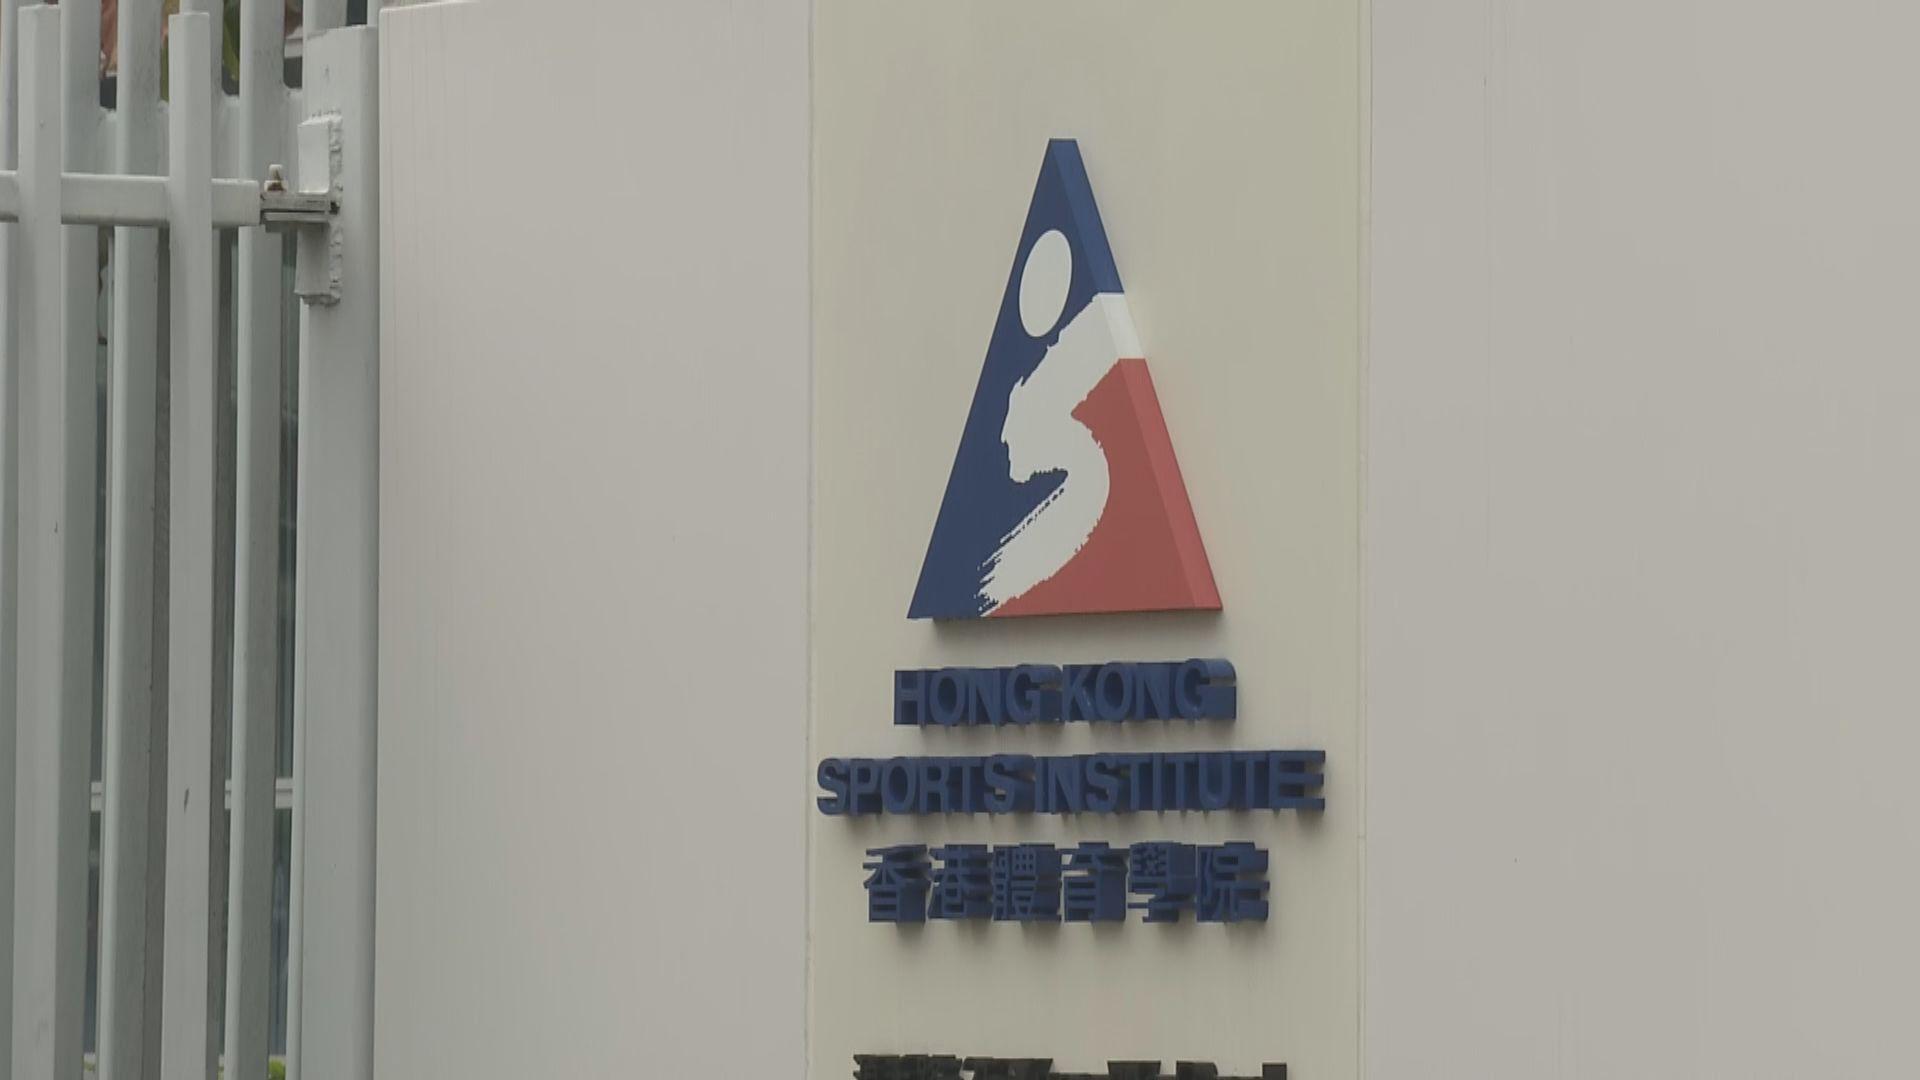 香港體育學院將消毒空手道館及宿舍